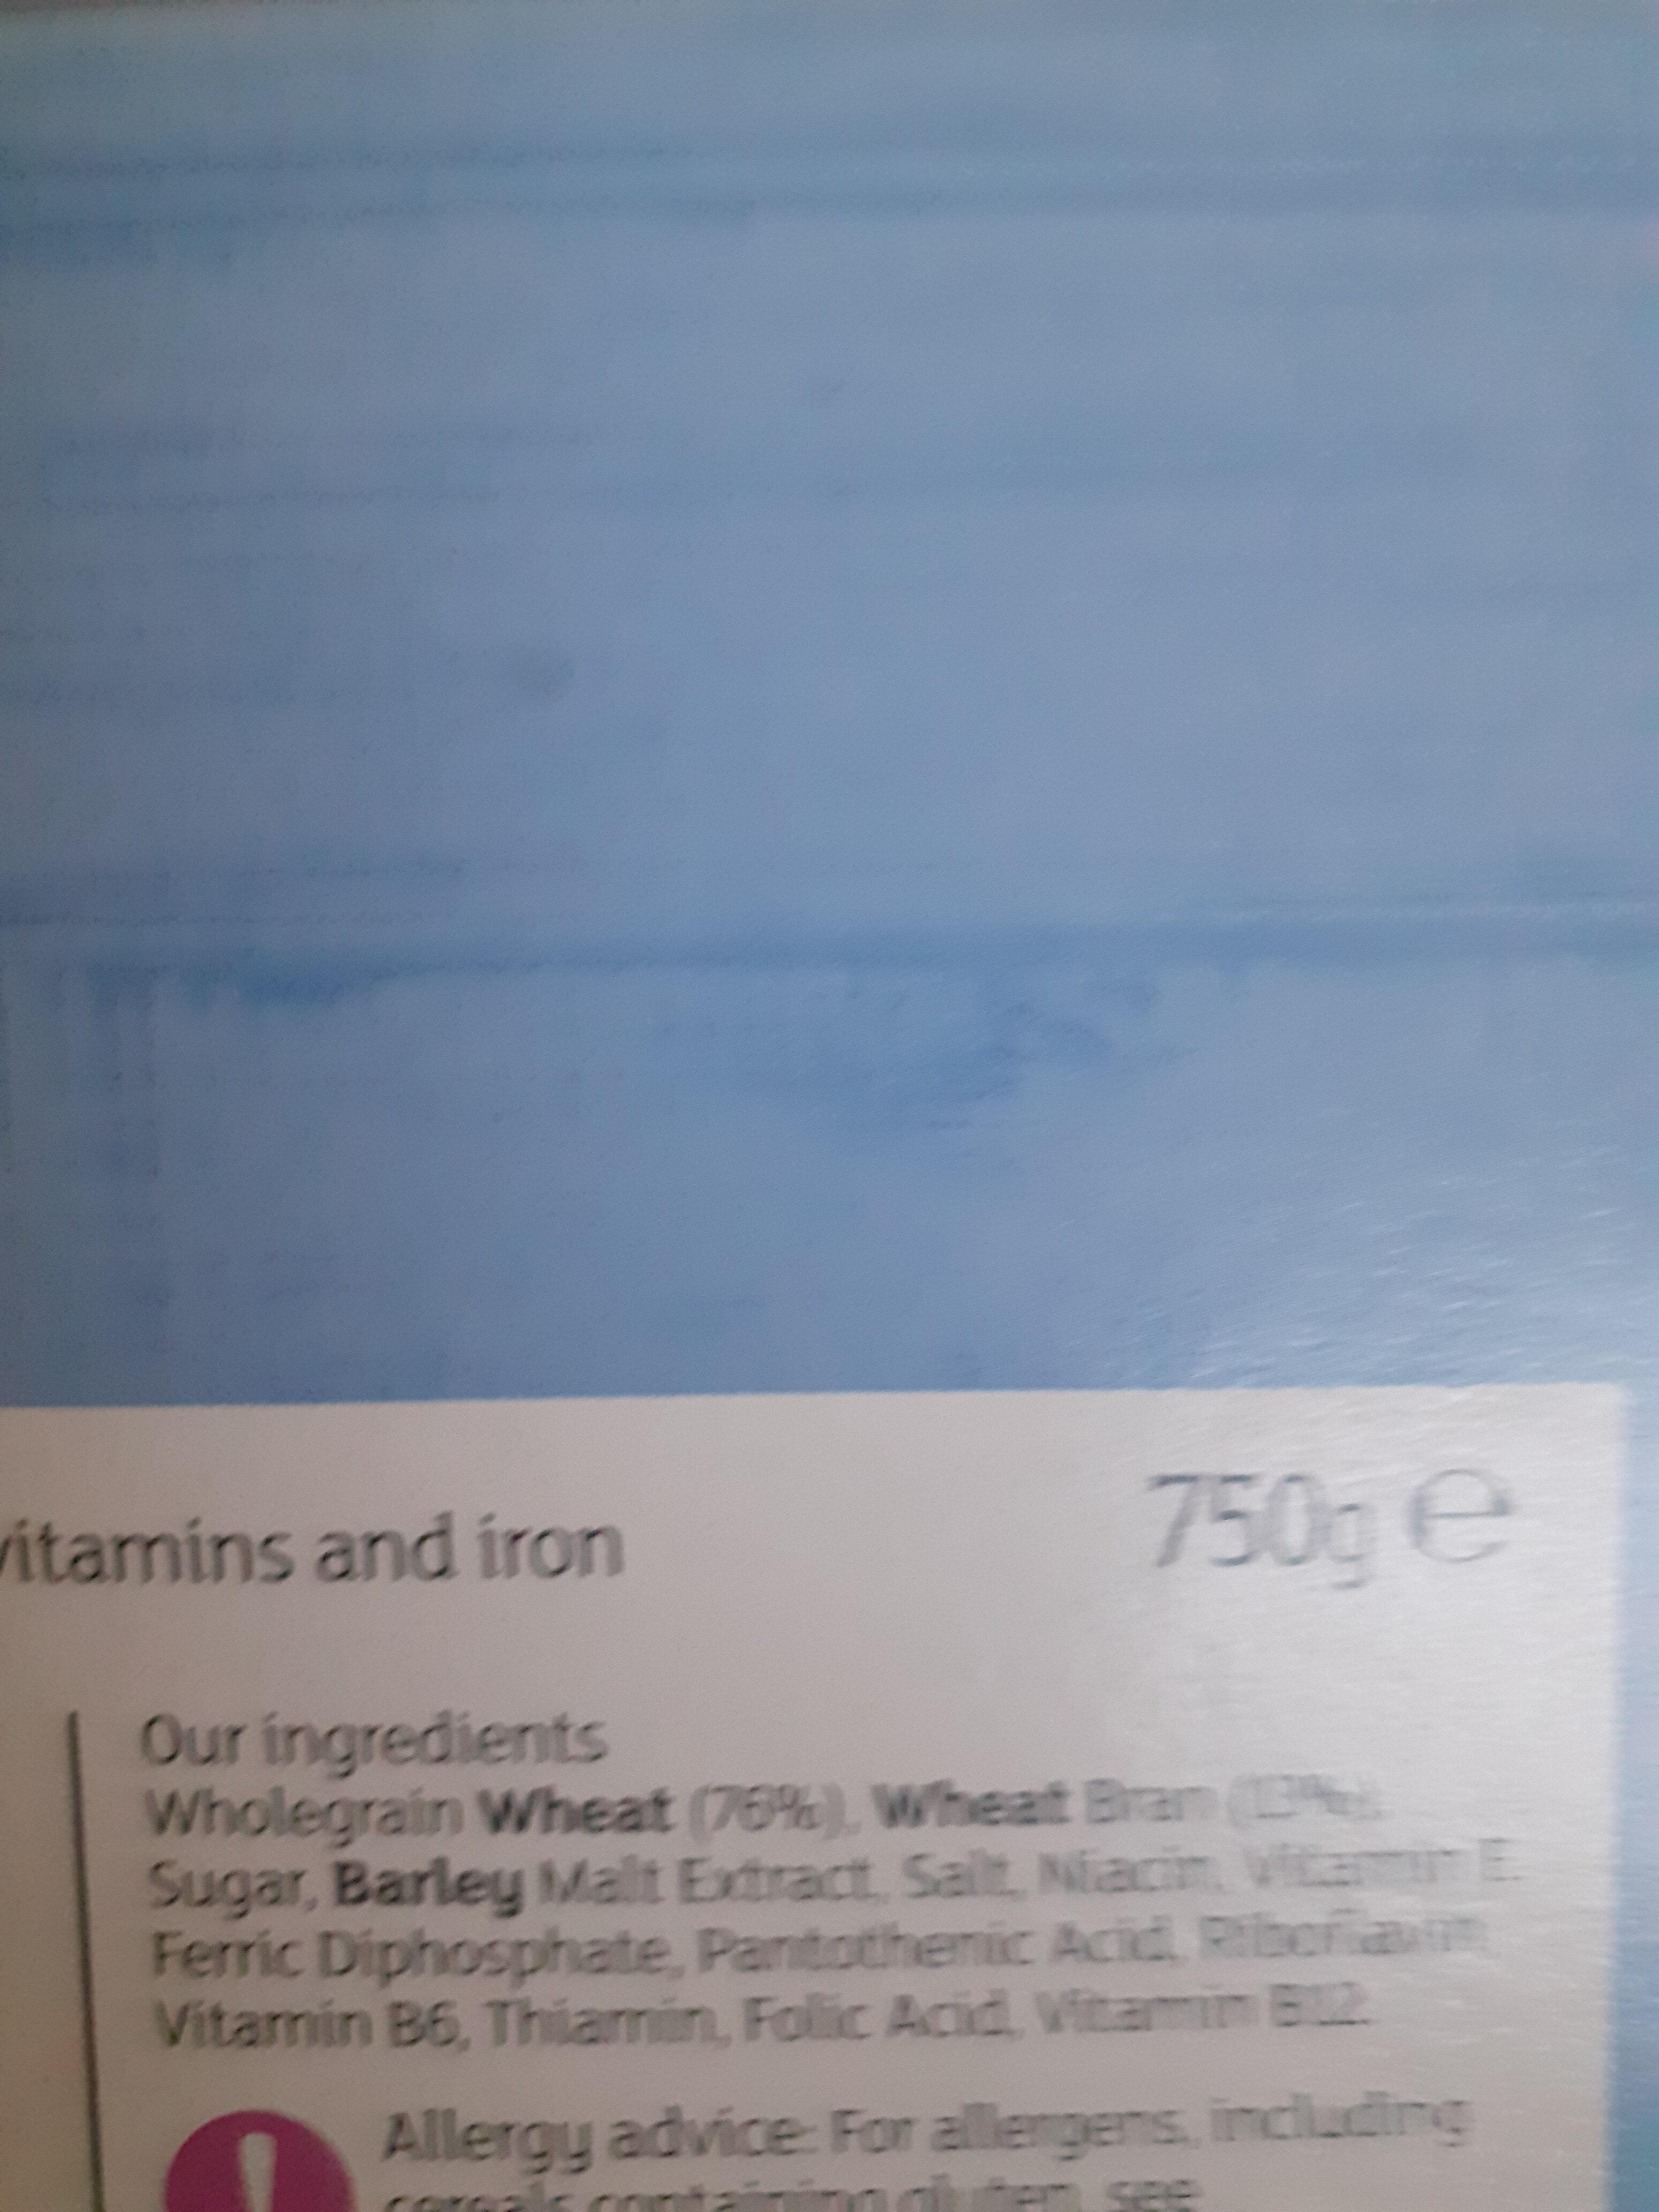 wholegrain bran flakes - Ingredientes - en